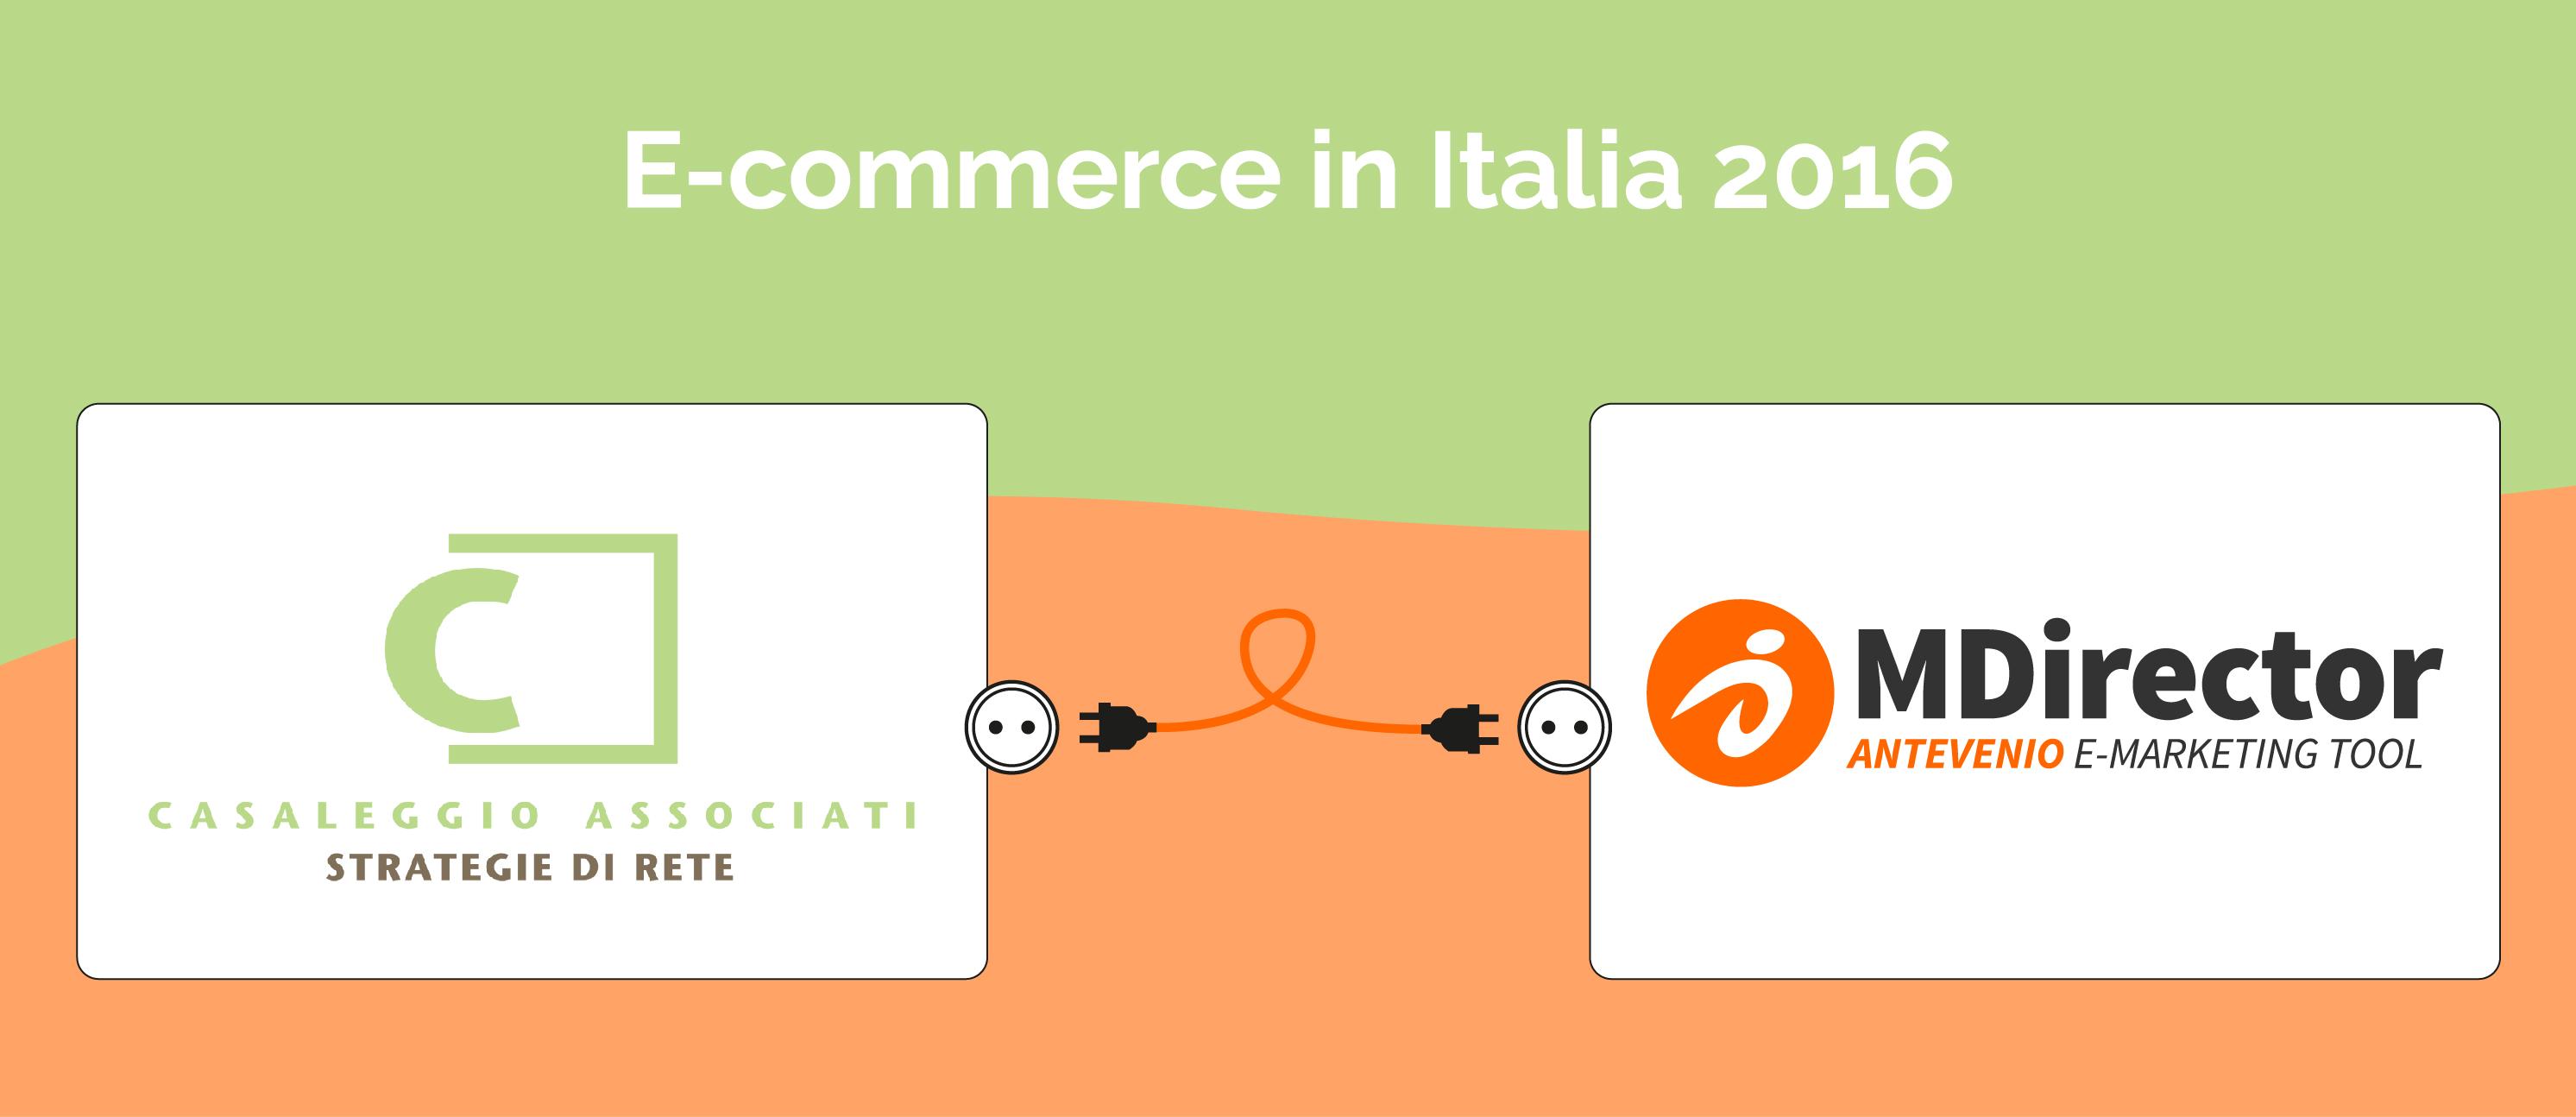 MDirector sponsor ufficiali del convegno E-commerce in Italia